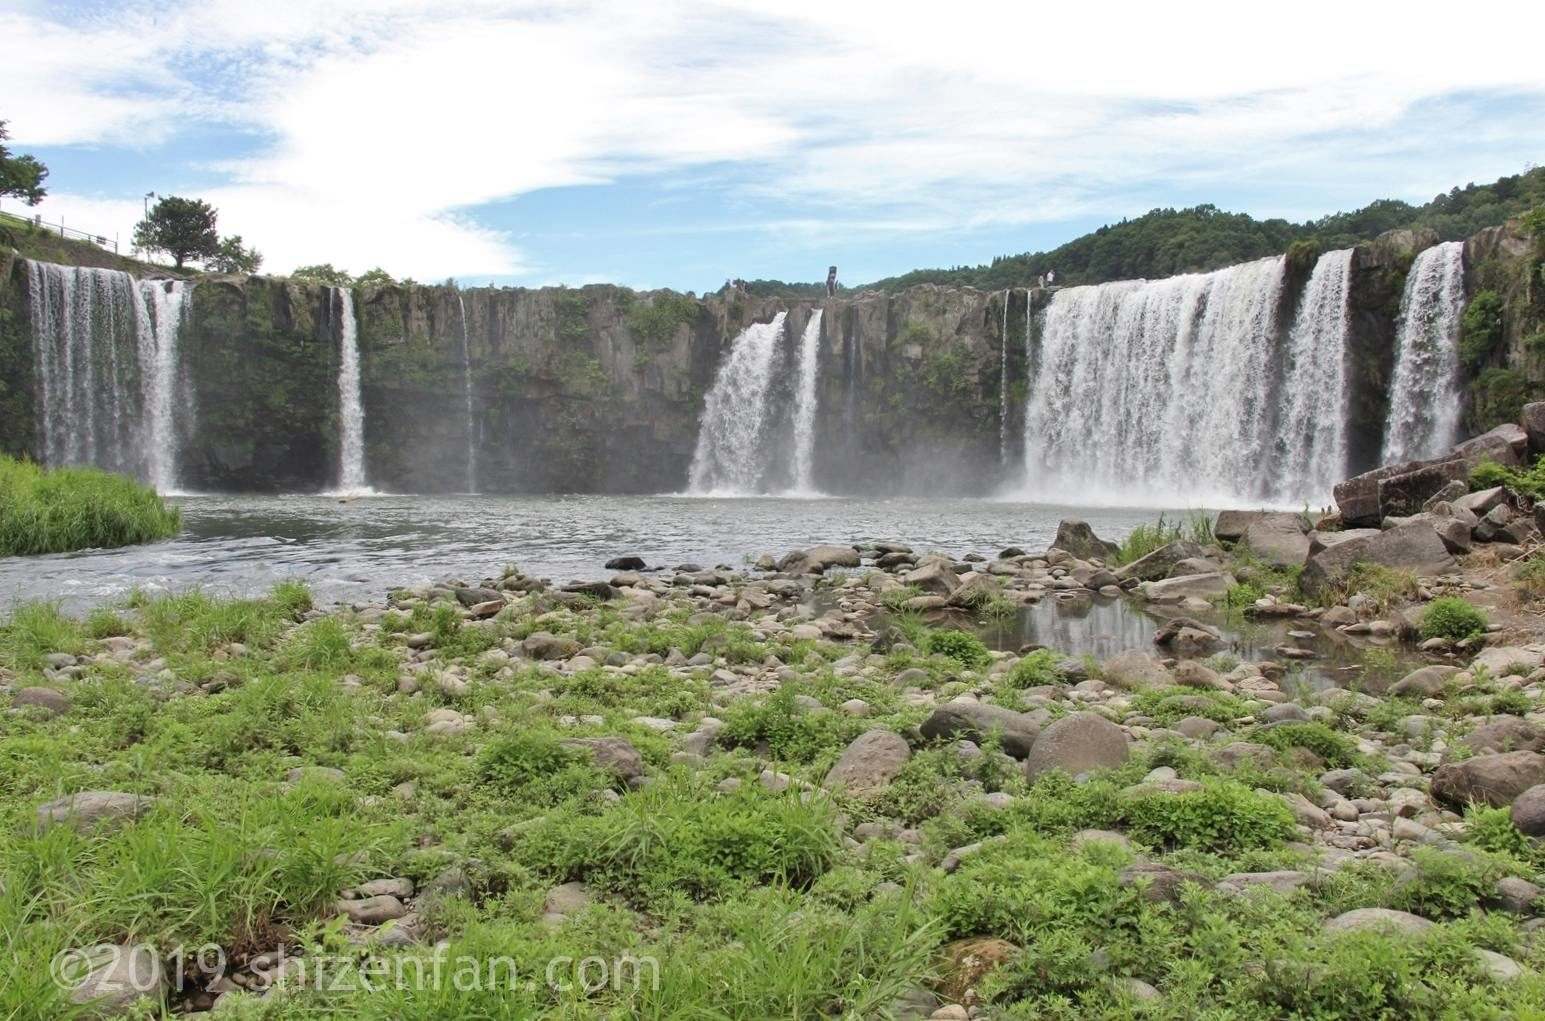 下から見た原尻の滝全景